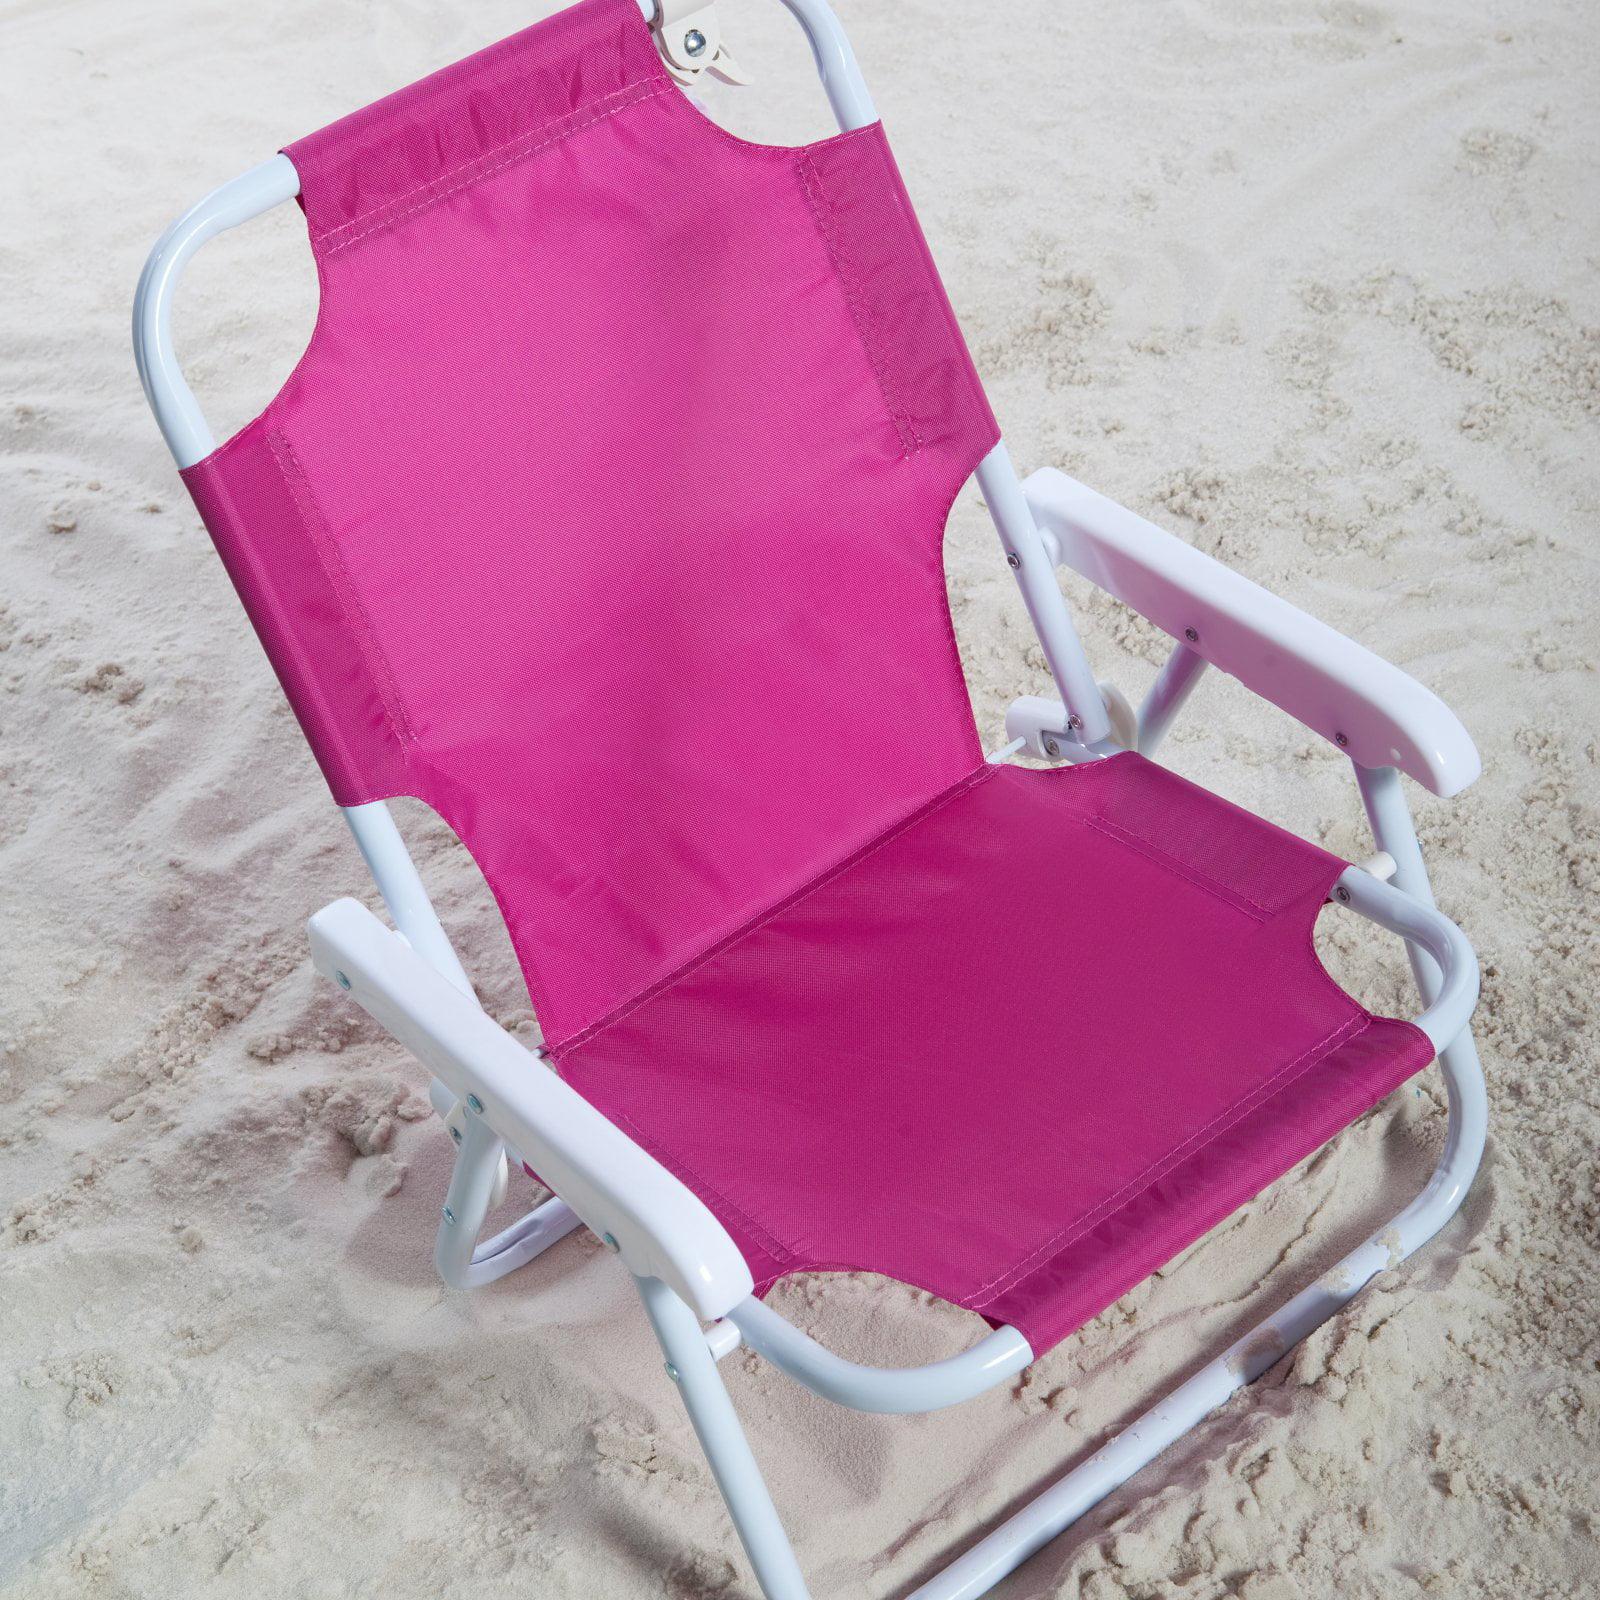 Pink Garden Furniture Kids pink beach chair amp umbrella walmart workwithnaturefo